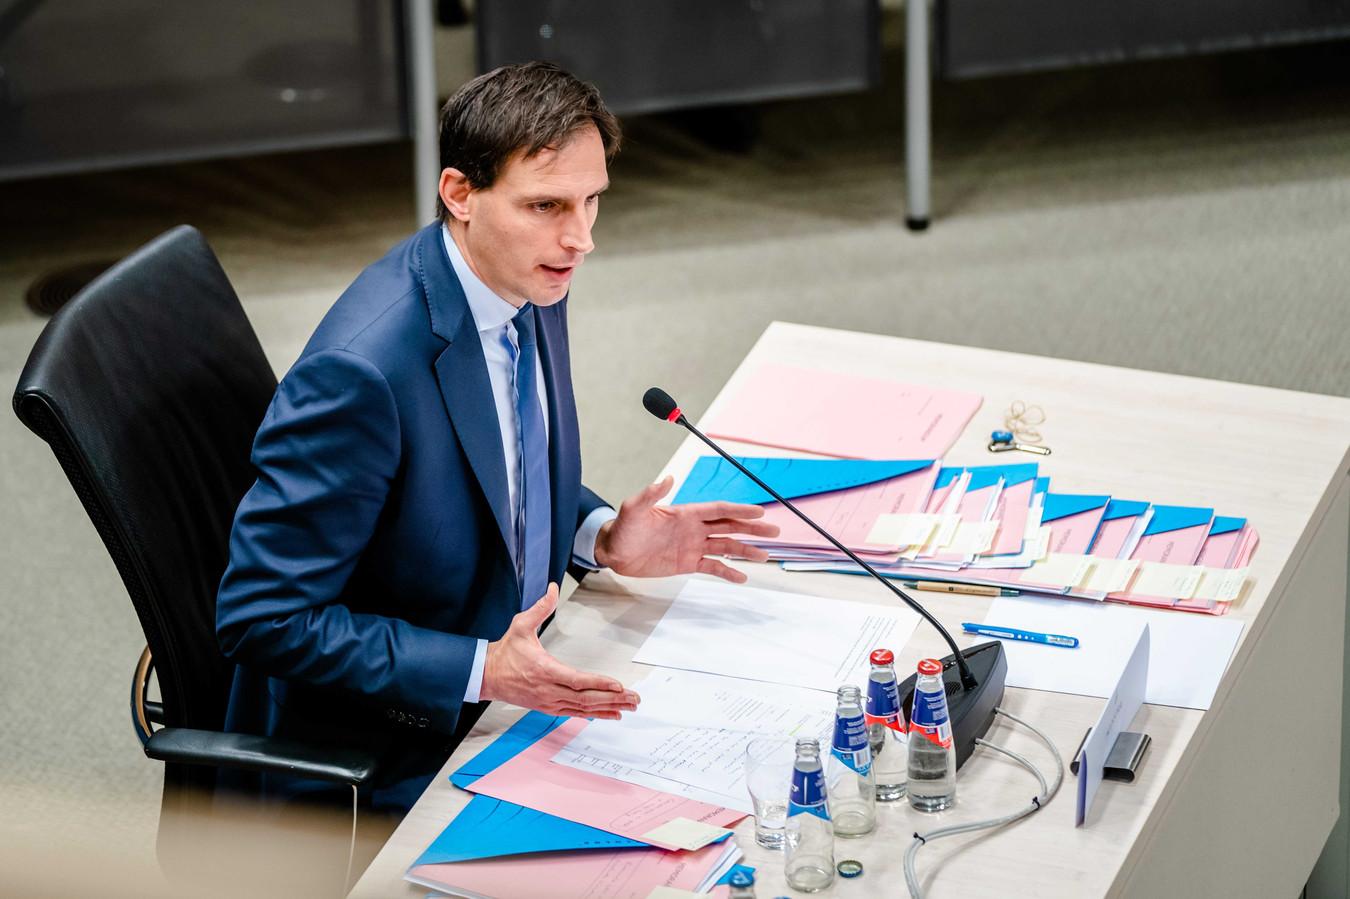 Minister Wopke Hoekstra van Financiën wordt gehoord door de parlementaire enquêtecommissie kinderopvangtoeslag, tijdens de laatste dag van de hoorzittingen van de tijdelijke commissie.